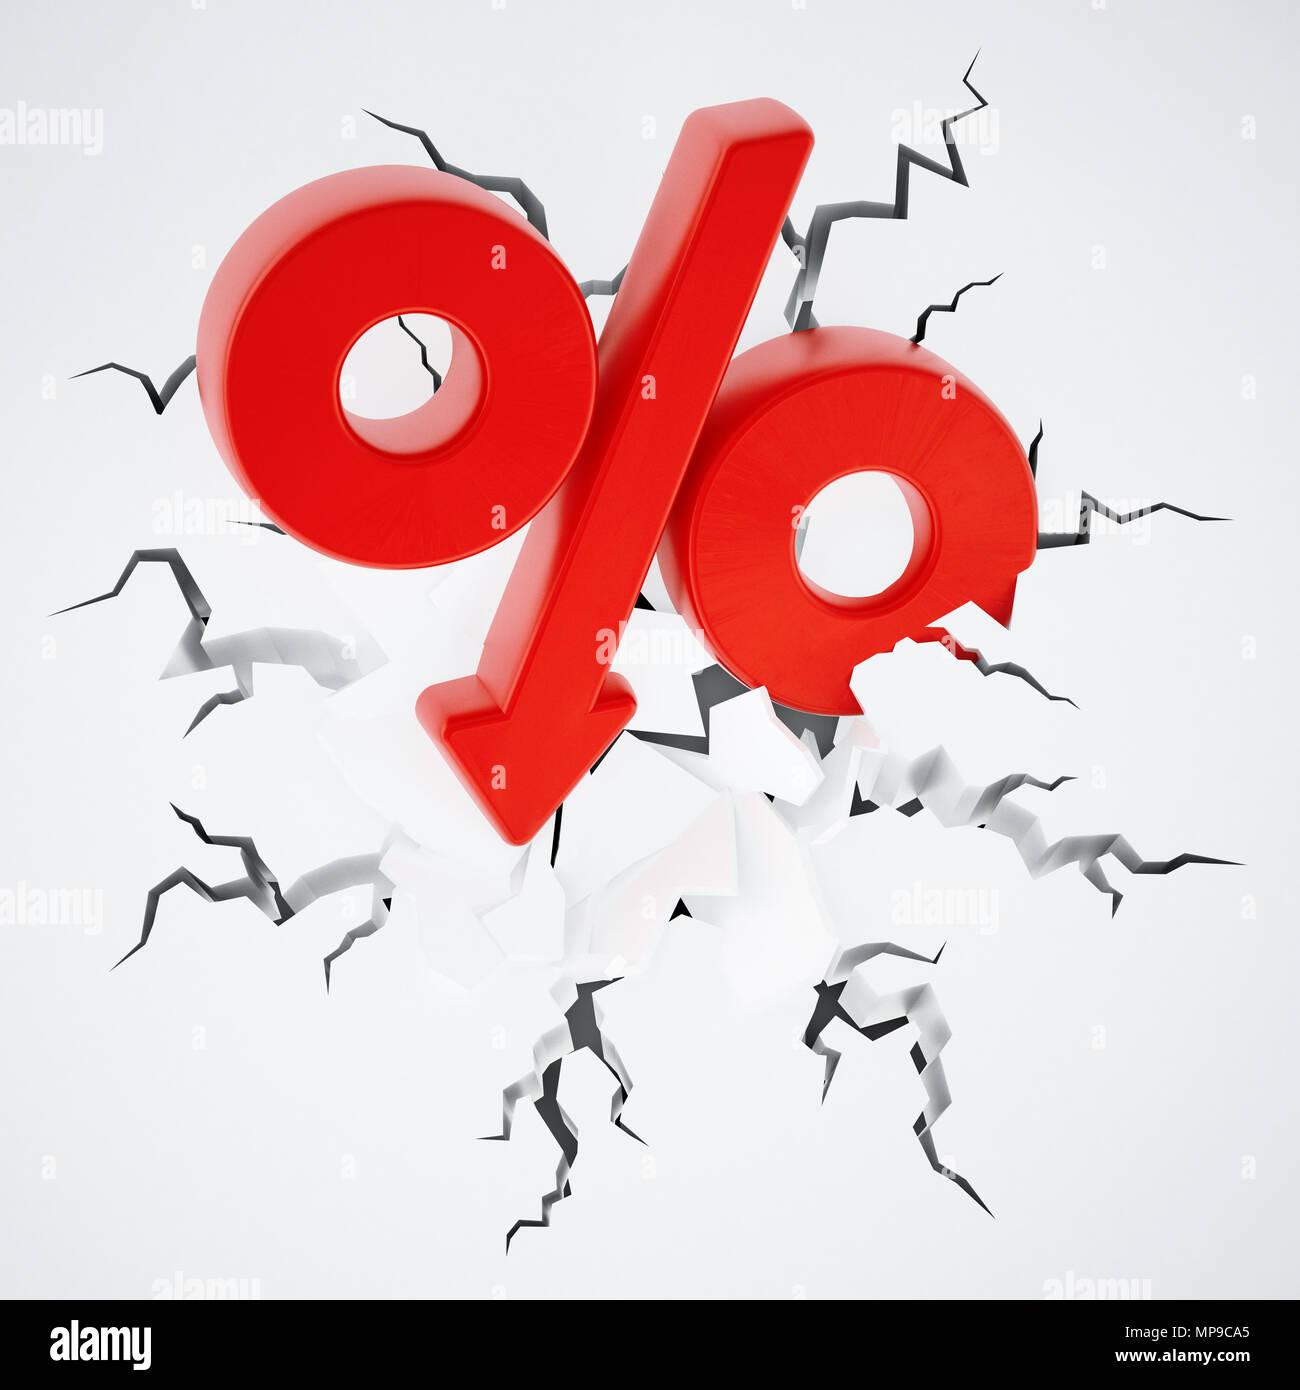 Símbolo de porcentaje con la flecha de la tierra agrietada. Ilustración 3D. Imagen De Stock